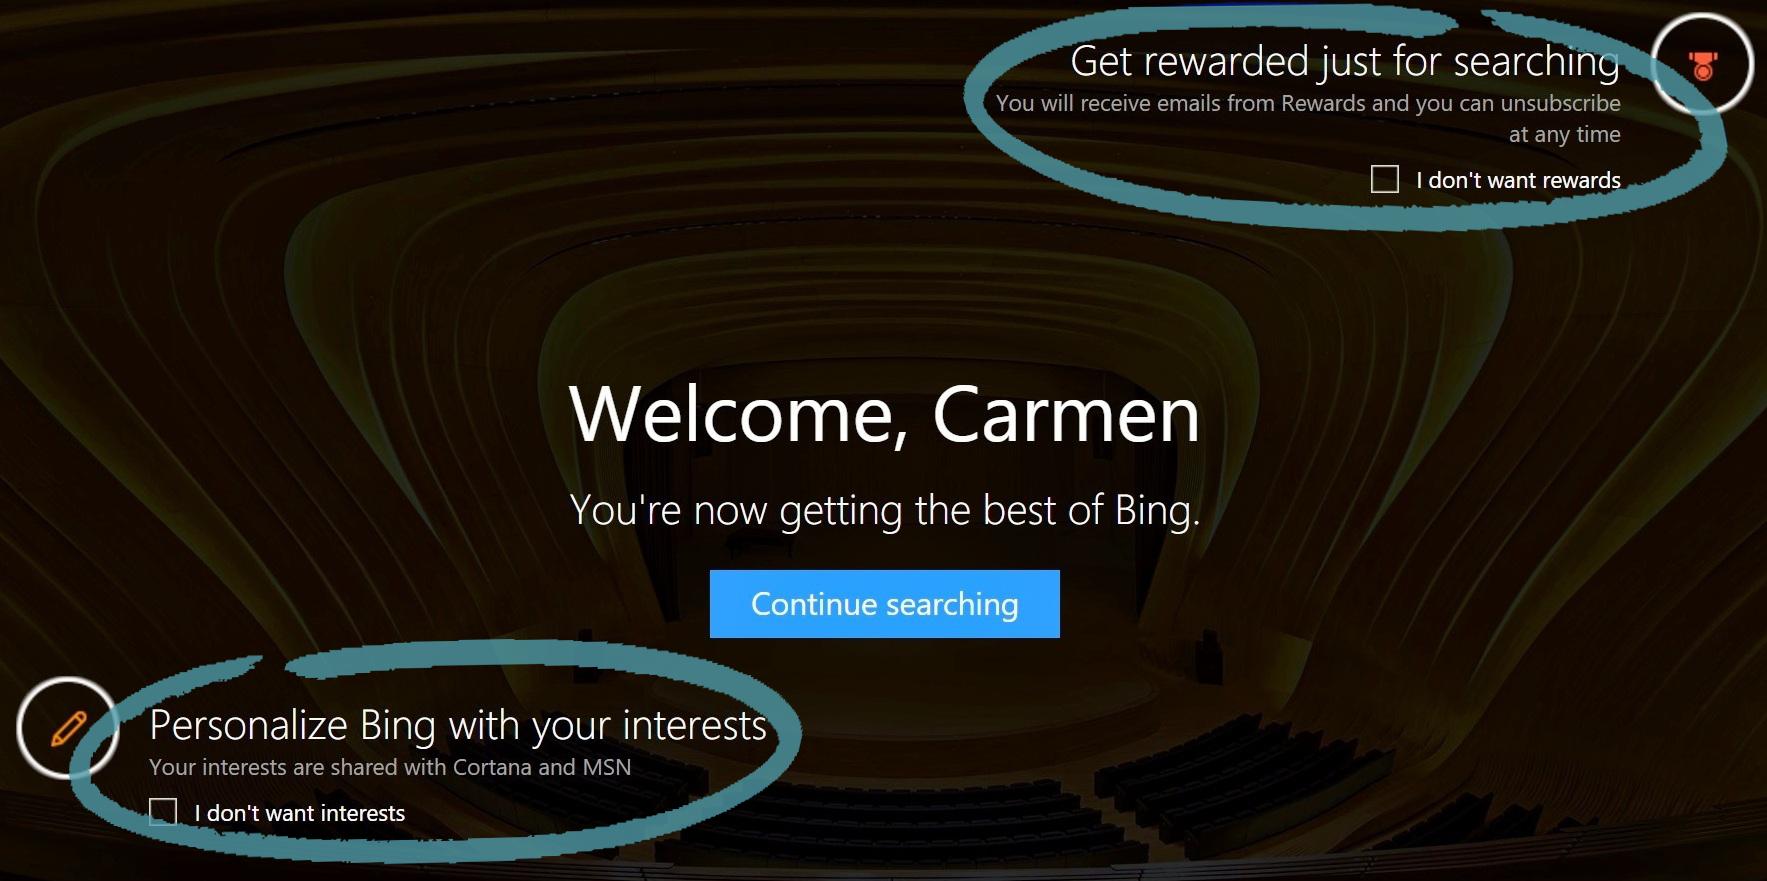 Bing-Startseite für die Anmeldung für Prämien und Interessen